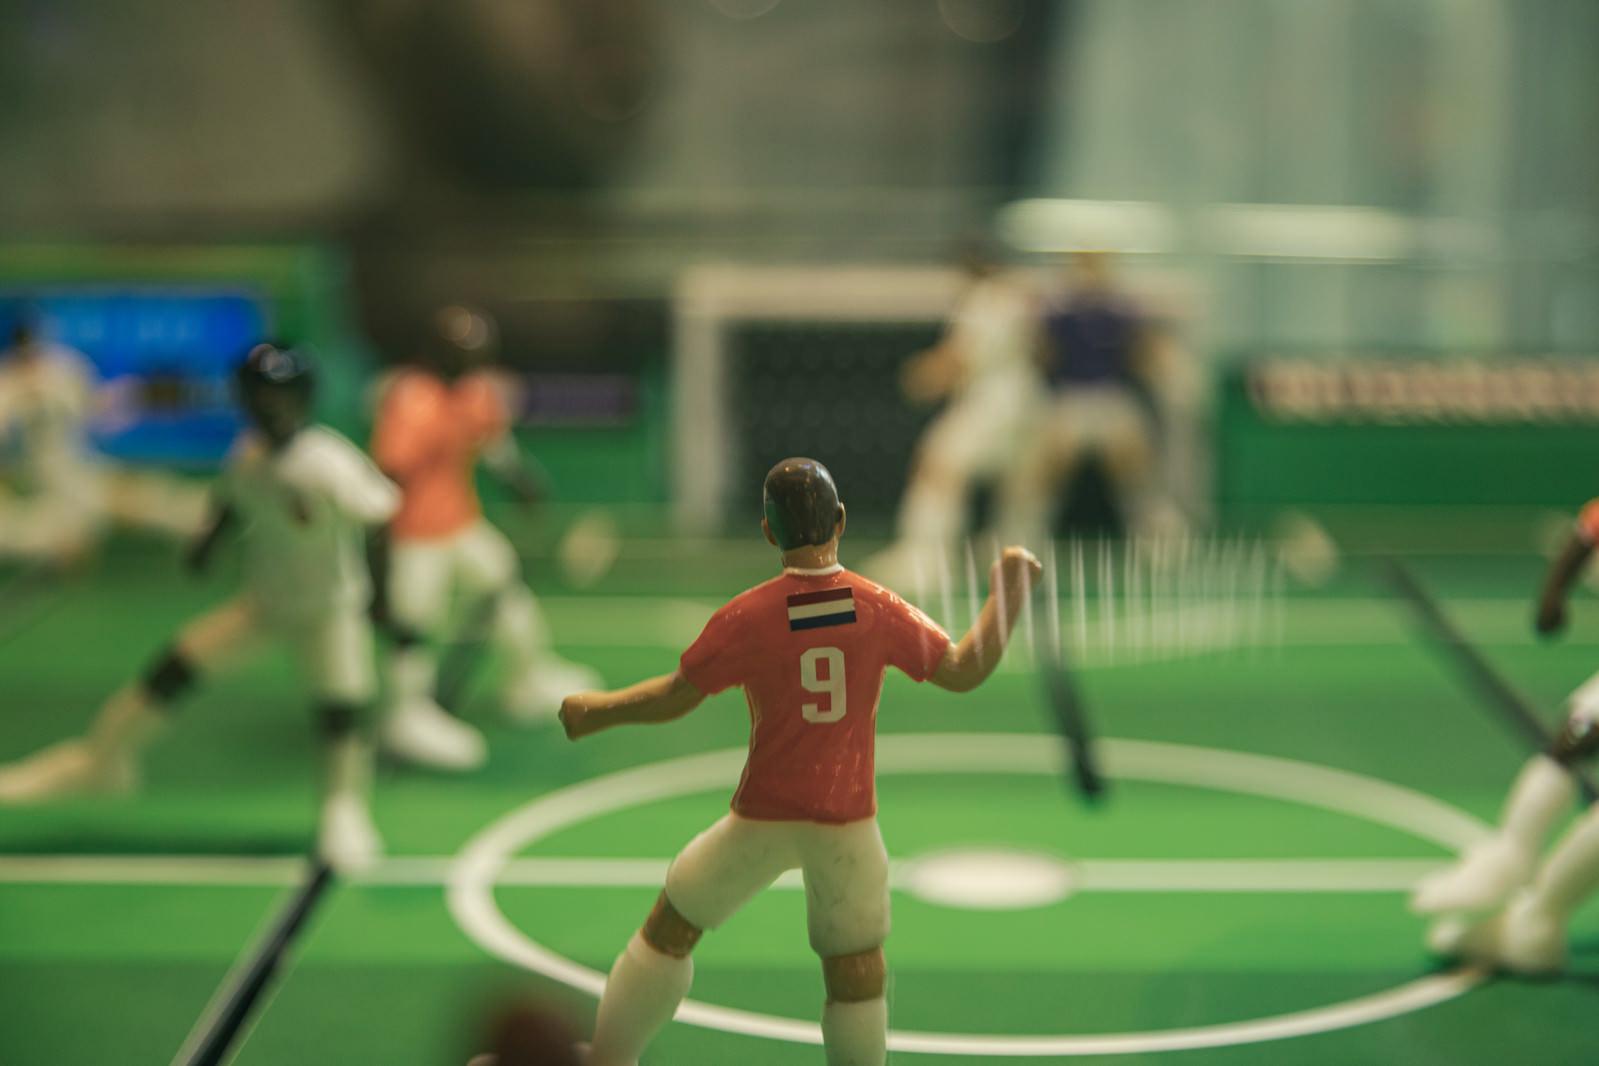 「サッカーボードゲームの9番」の写真